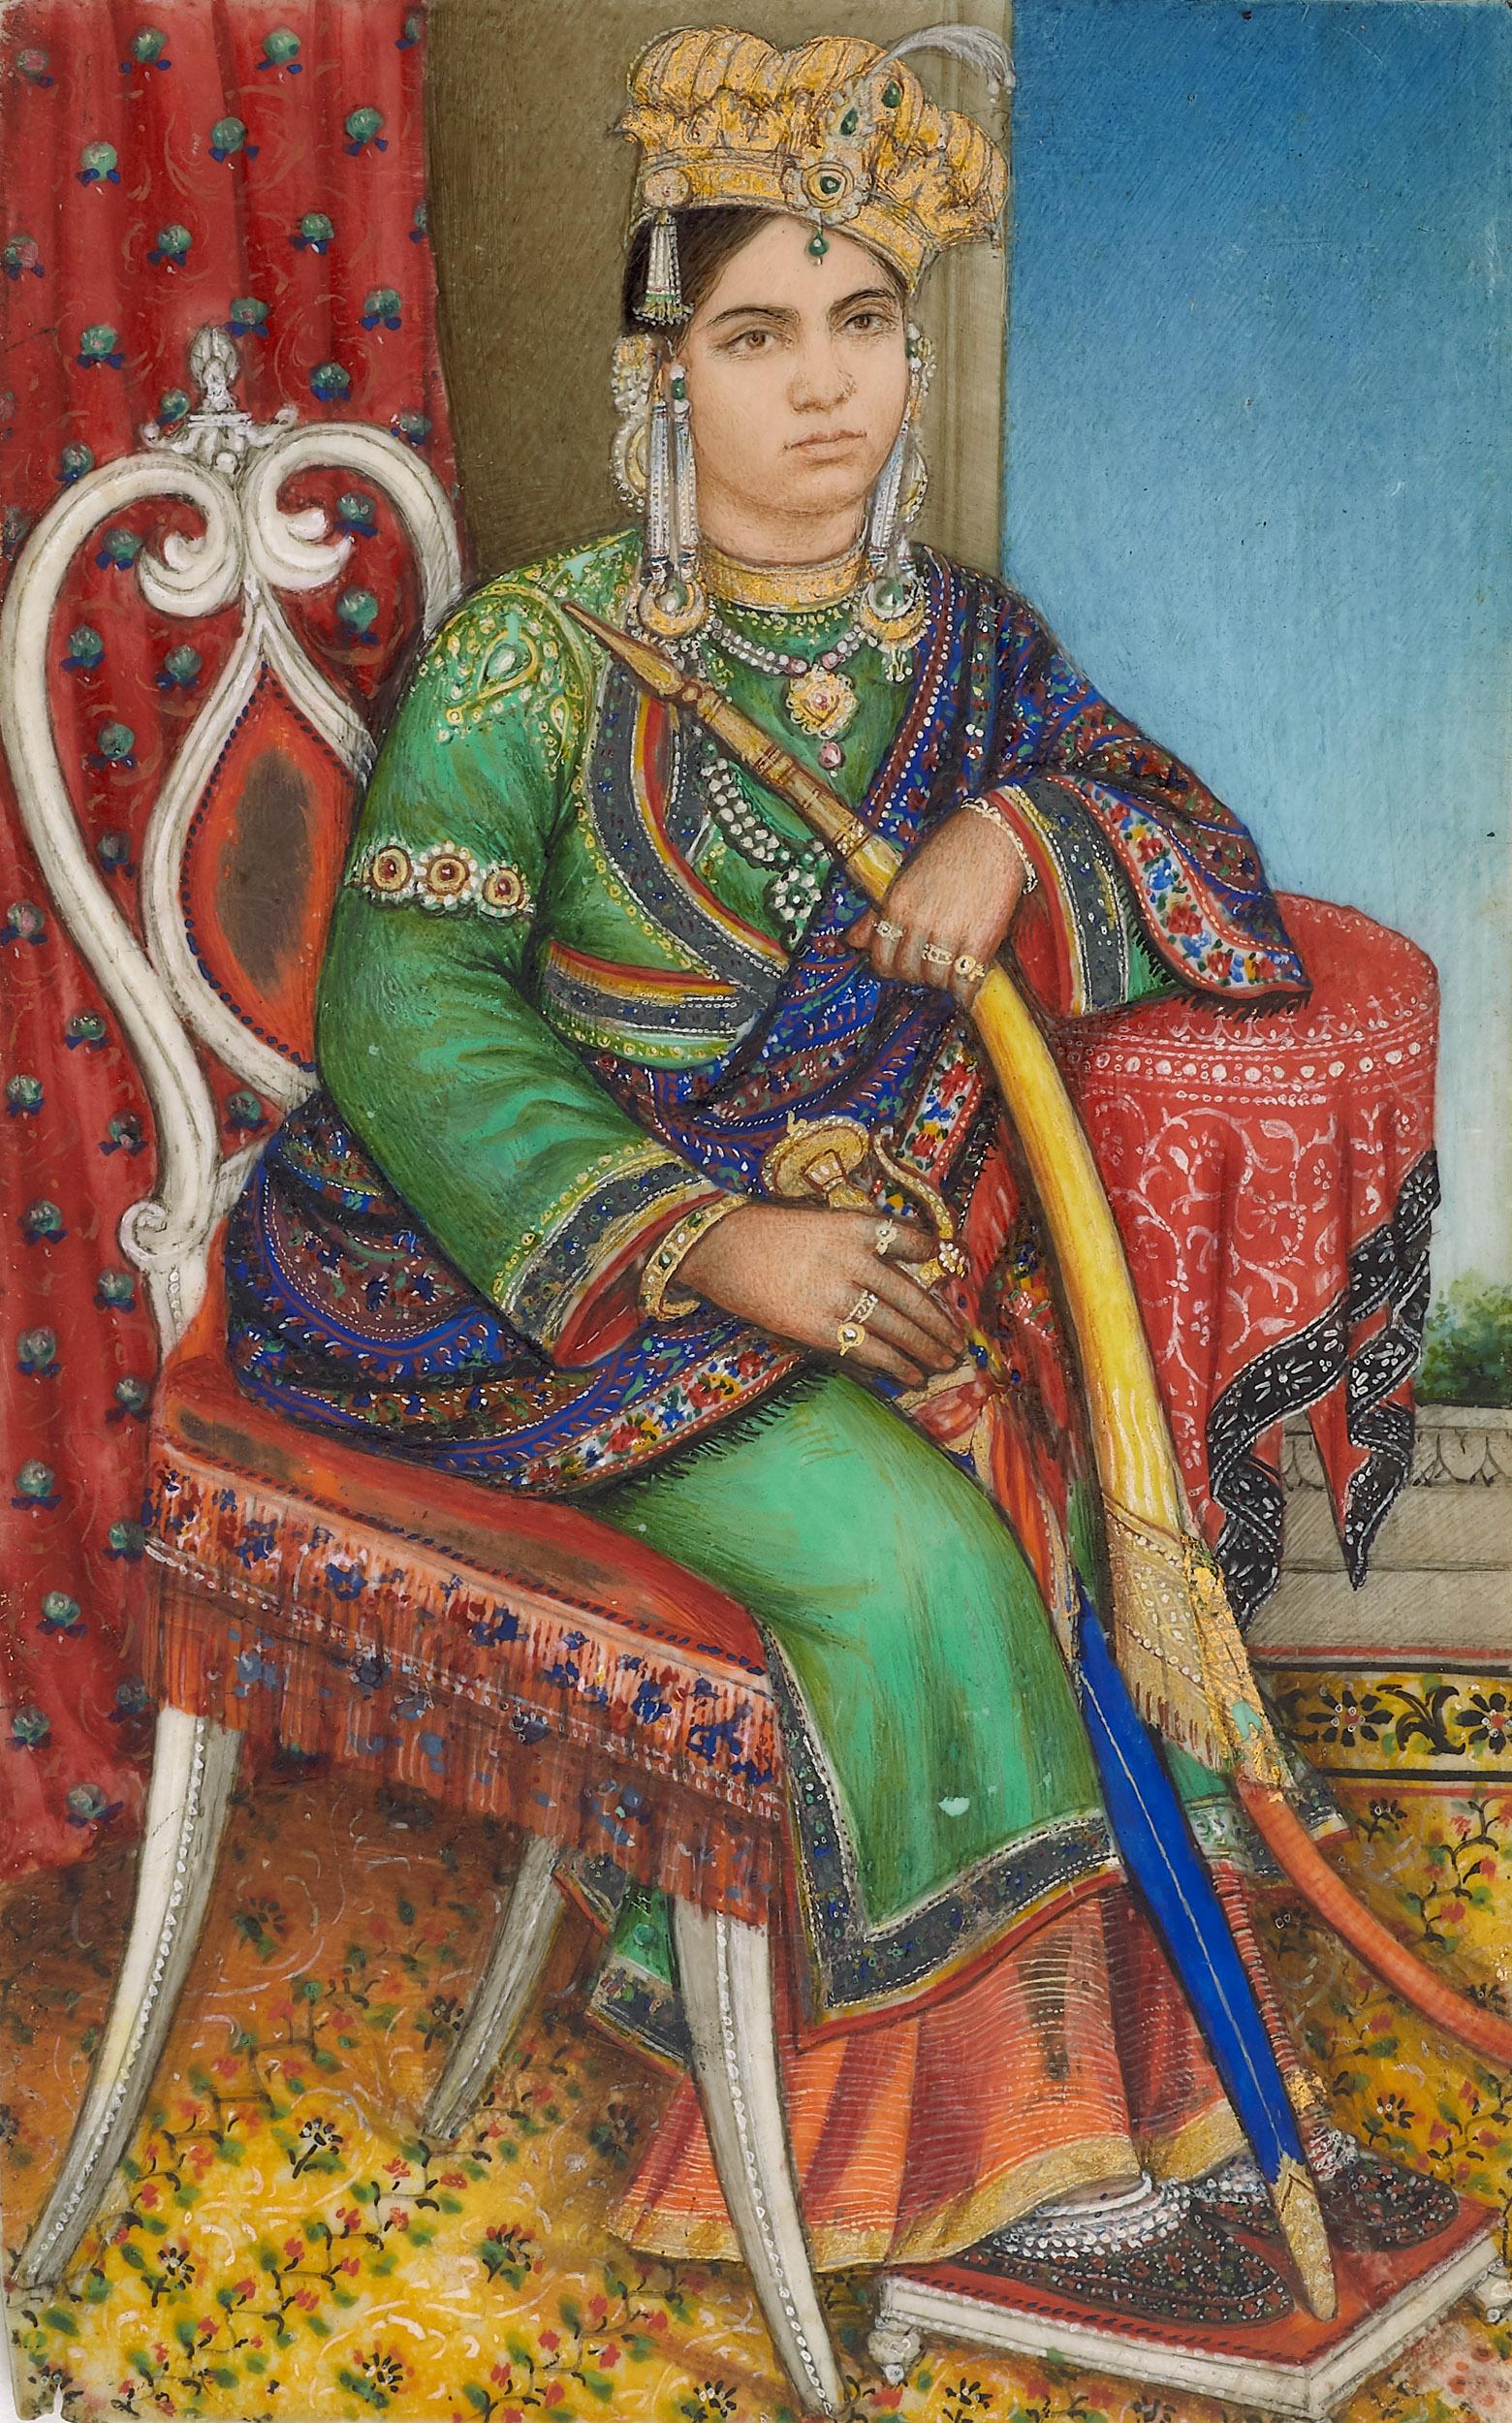 Shah Jahan Begum of Bhopal